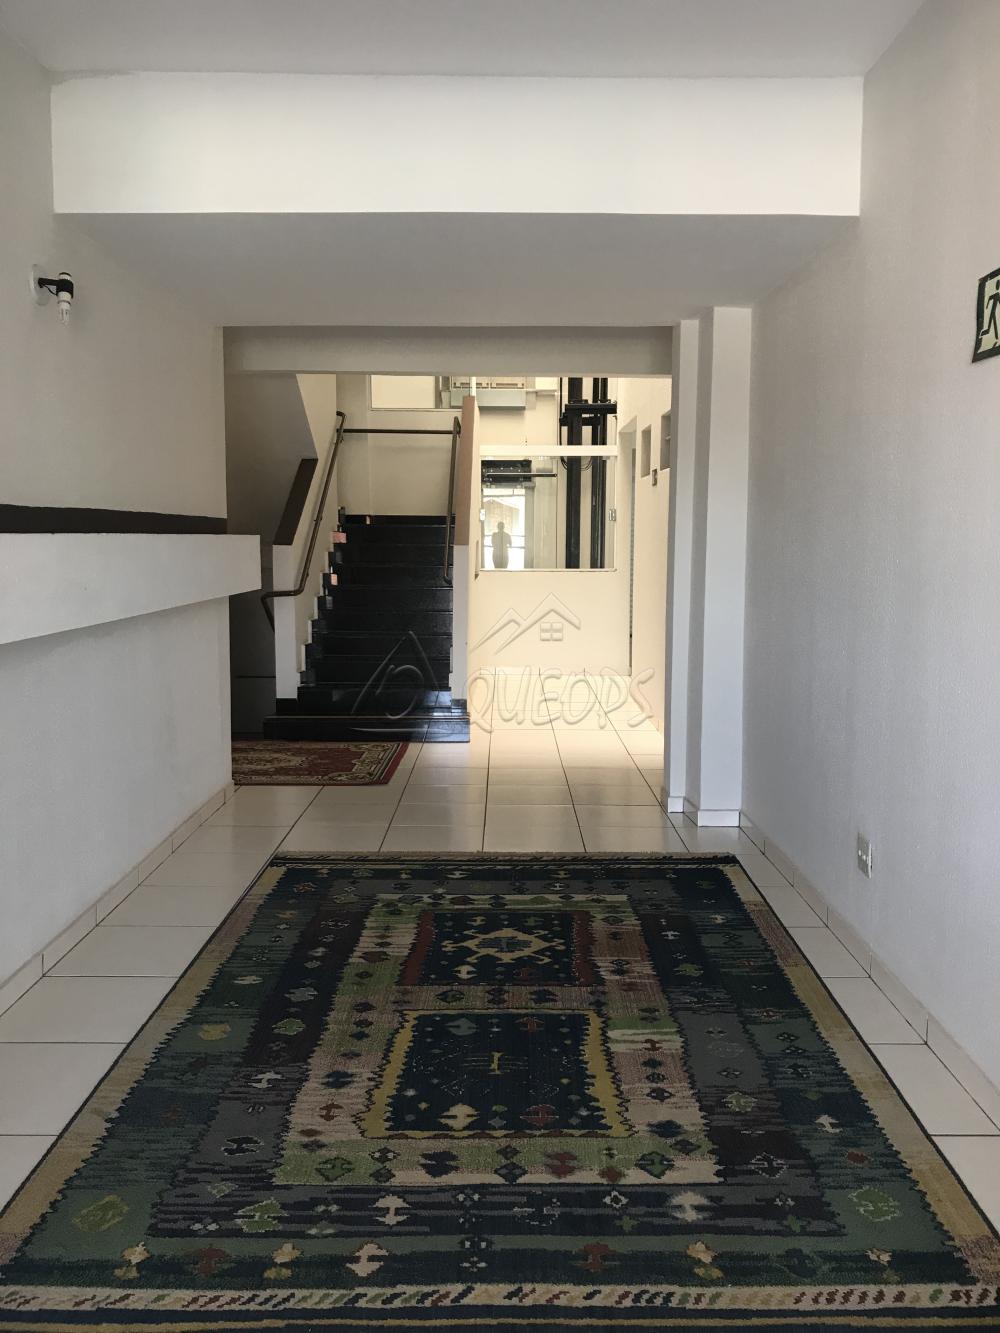 Comprar Apartamento / Padrão em Barretos apenas R$ 350.000,00 - Foto 2